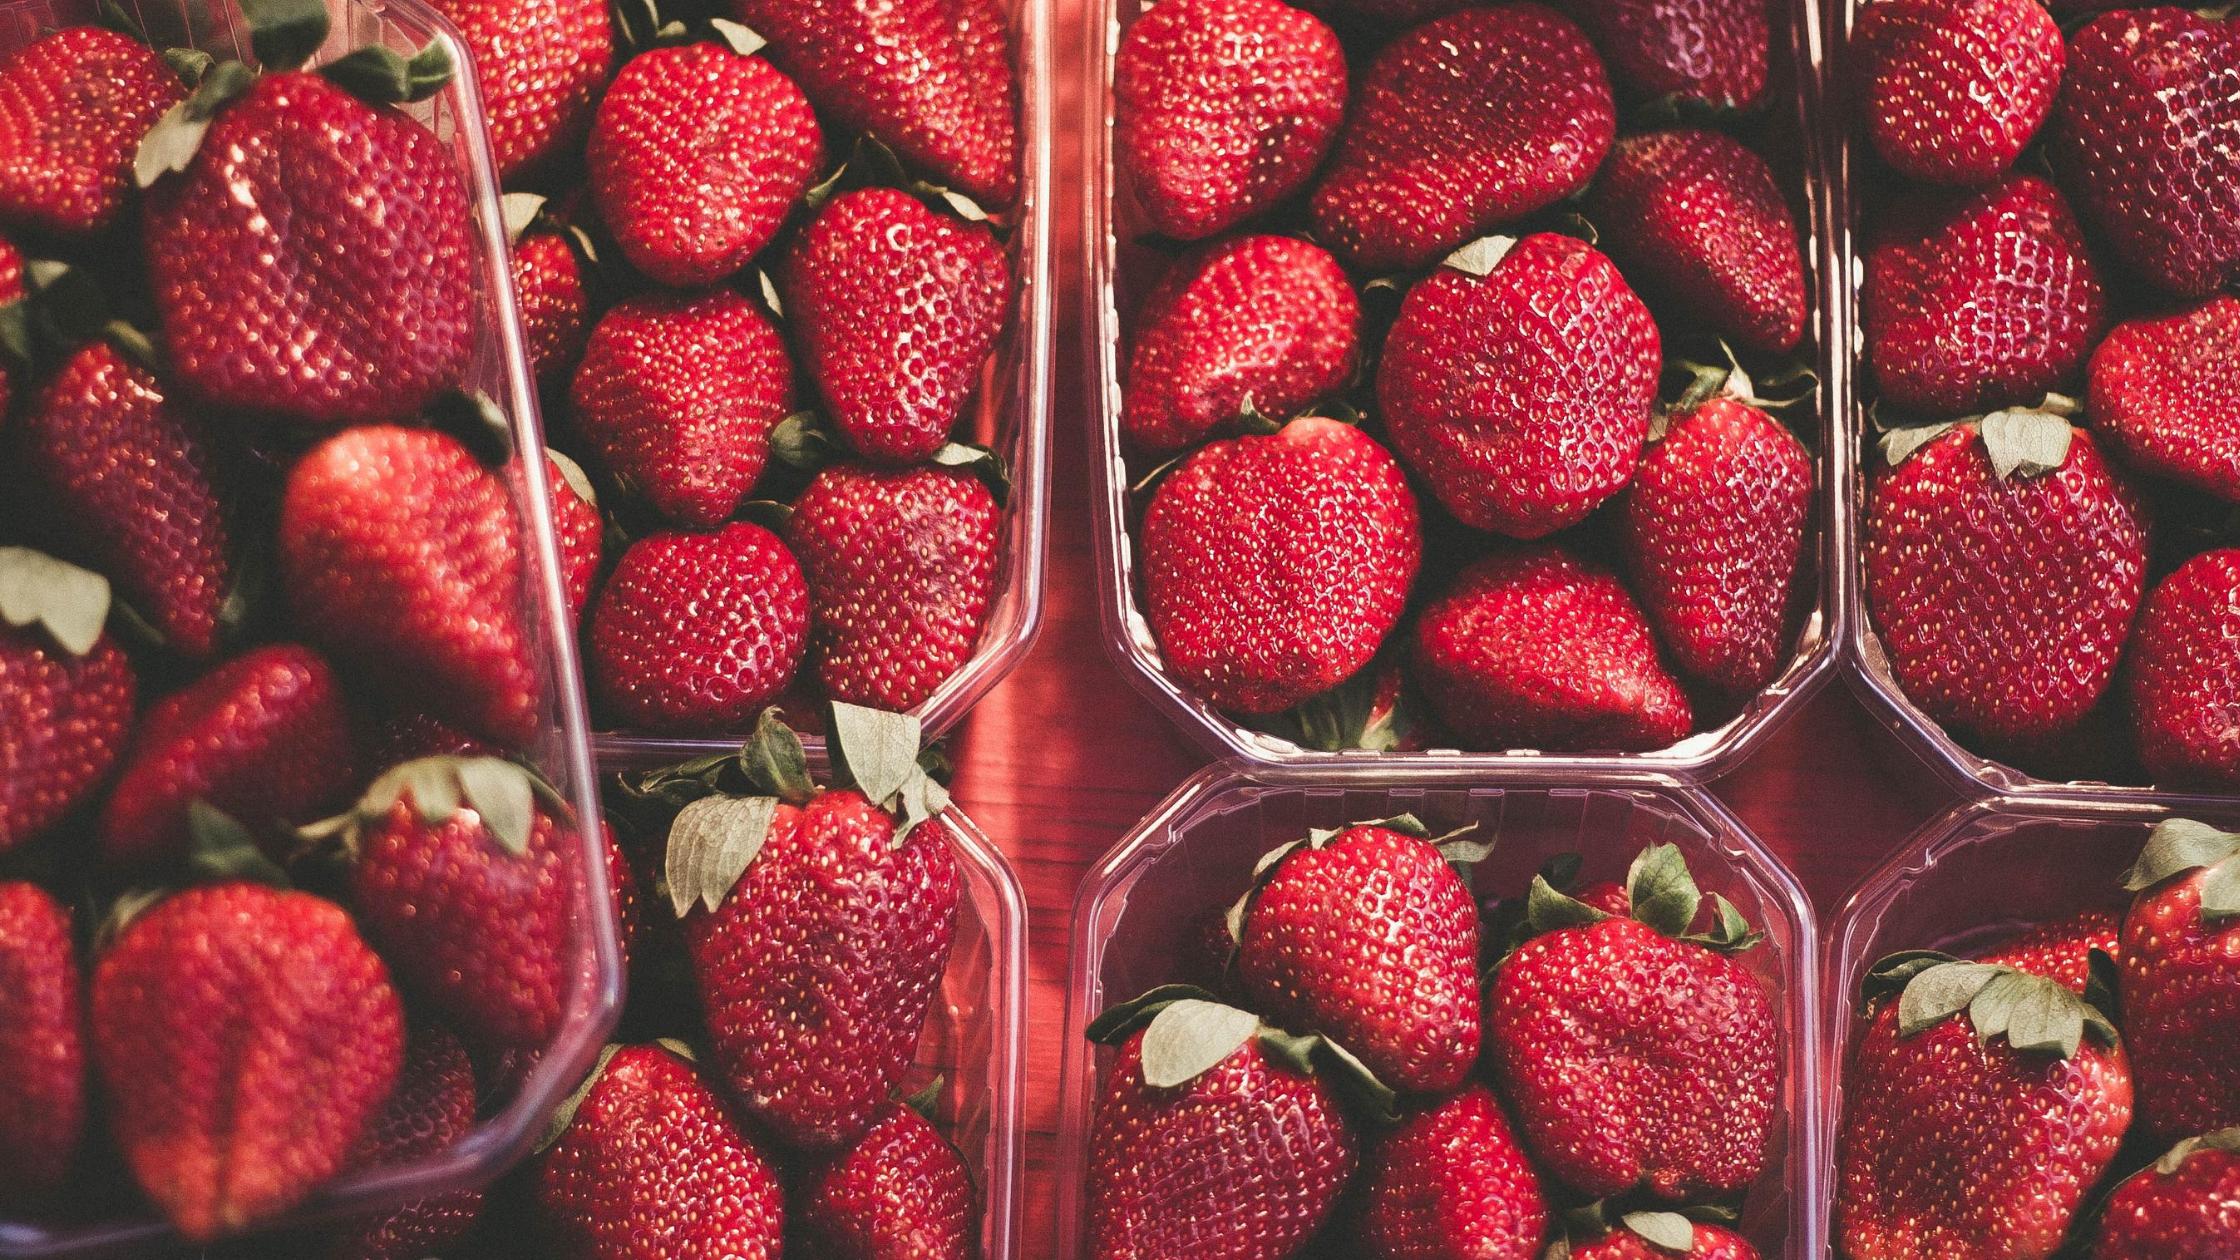 Cómo aumentar el rendimiento de las frutillas en un 14%